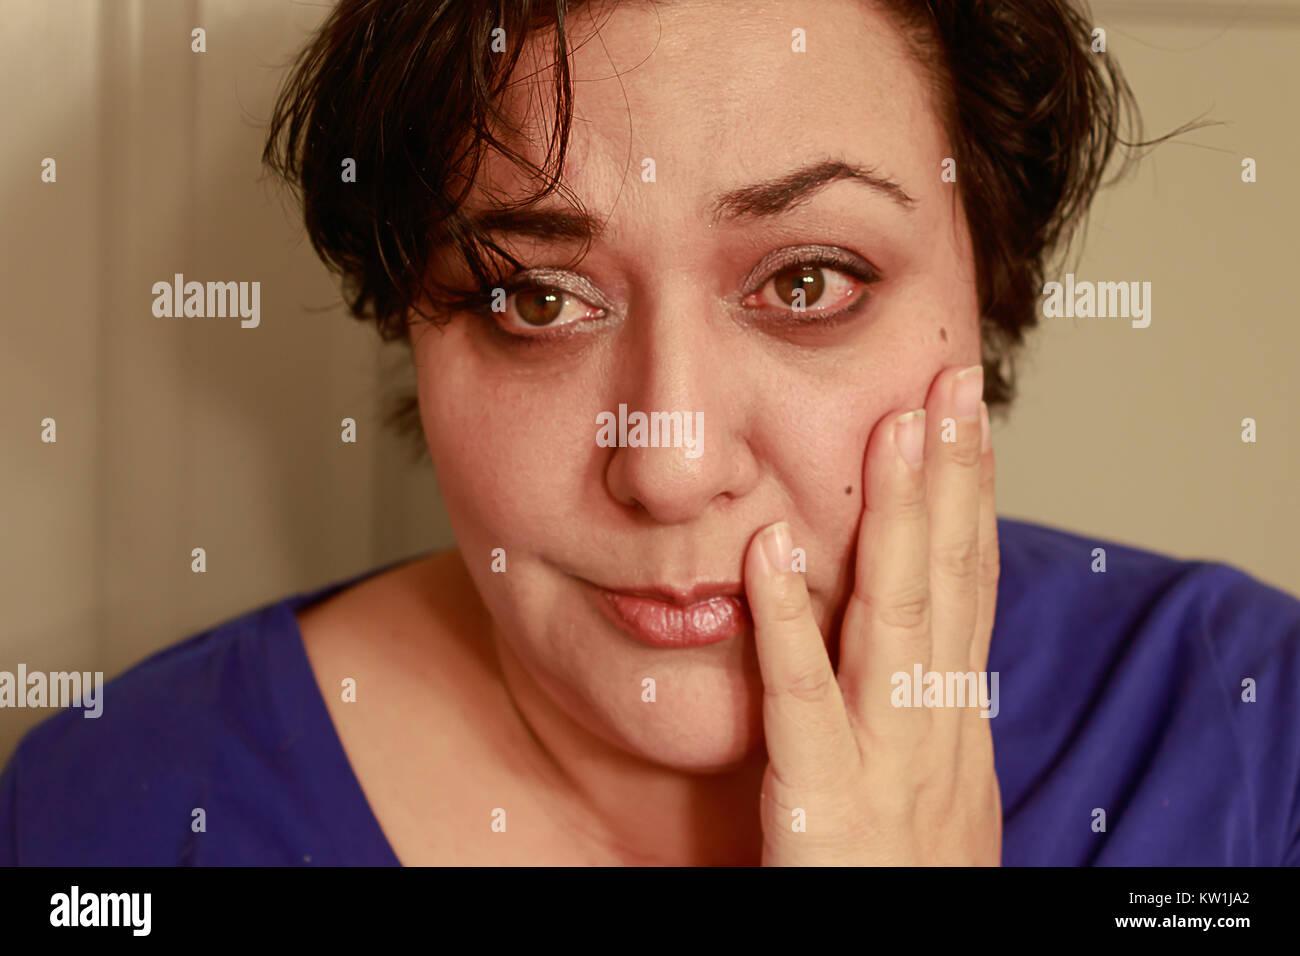 Preocupado de mujer con pelo corto Imagen De Stock